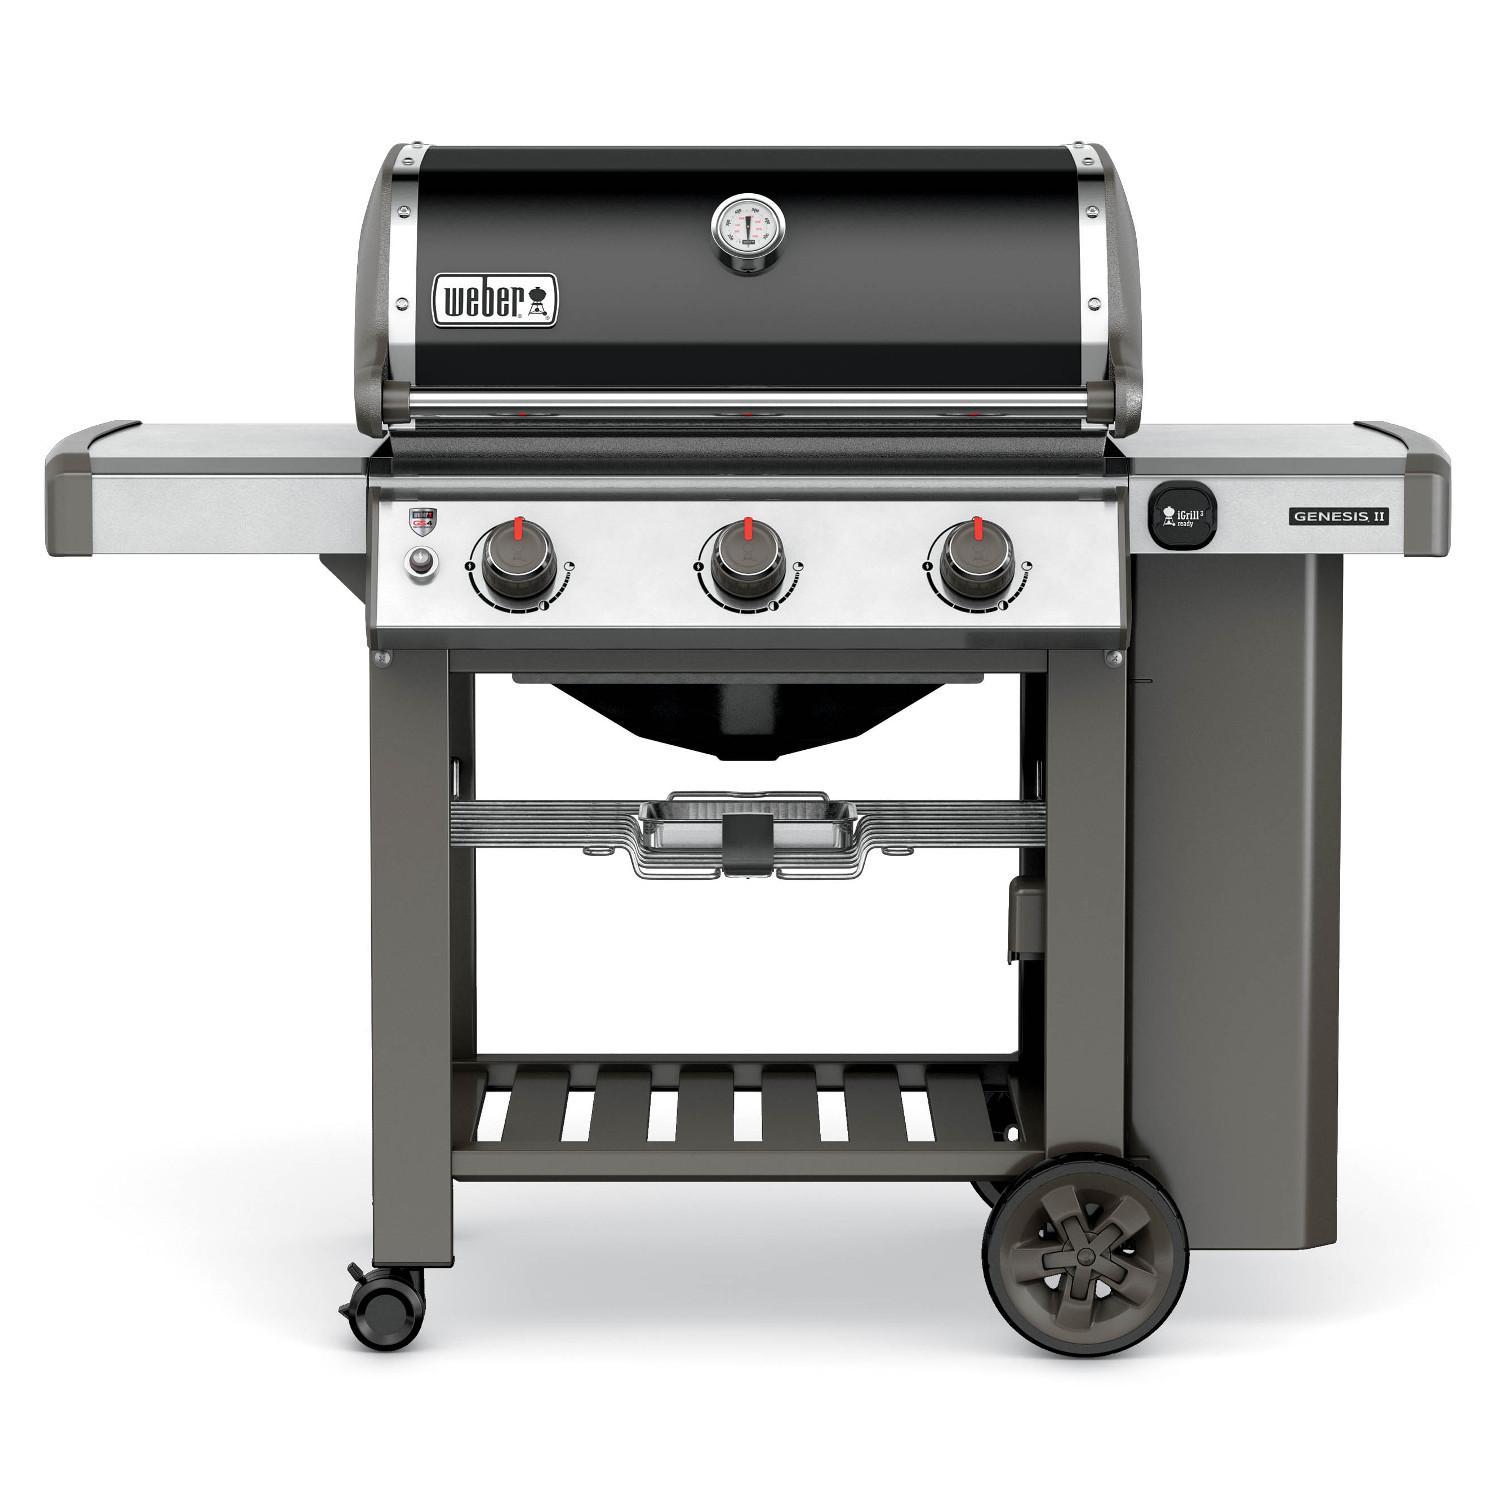 Weber Genesis II E310